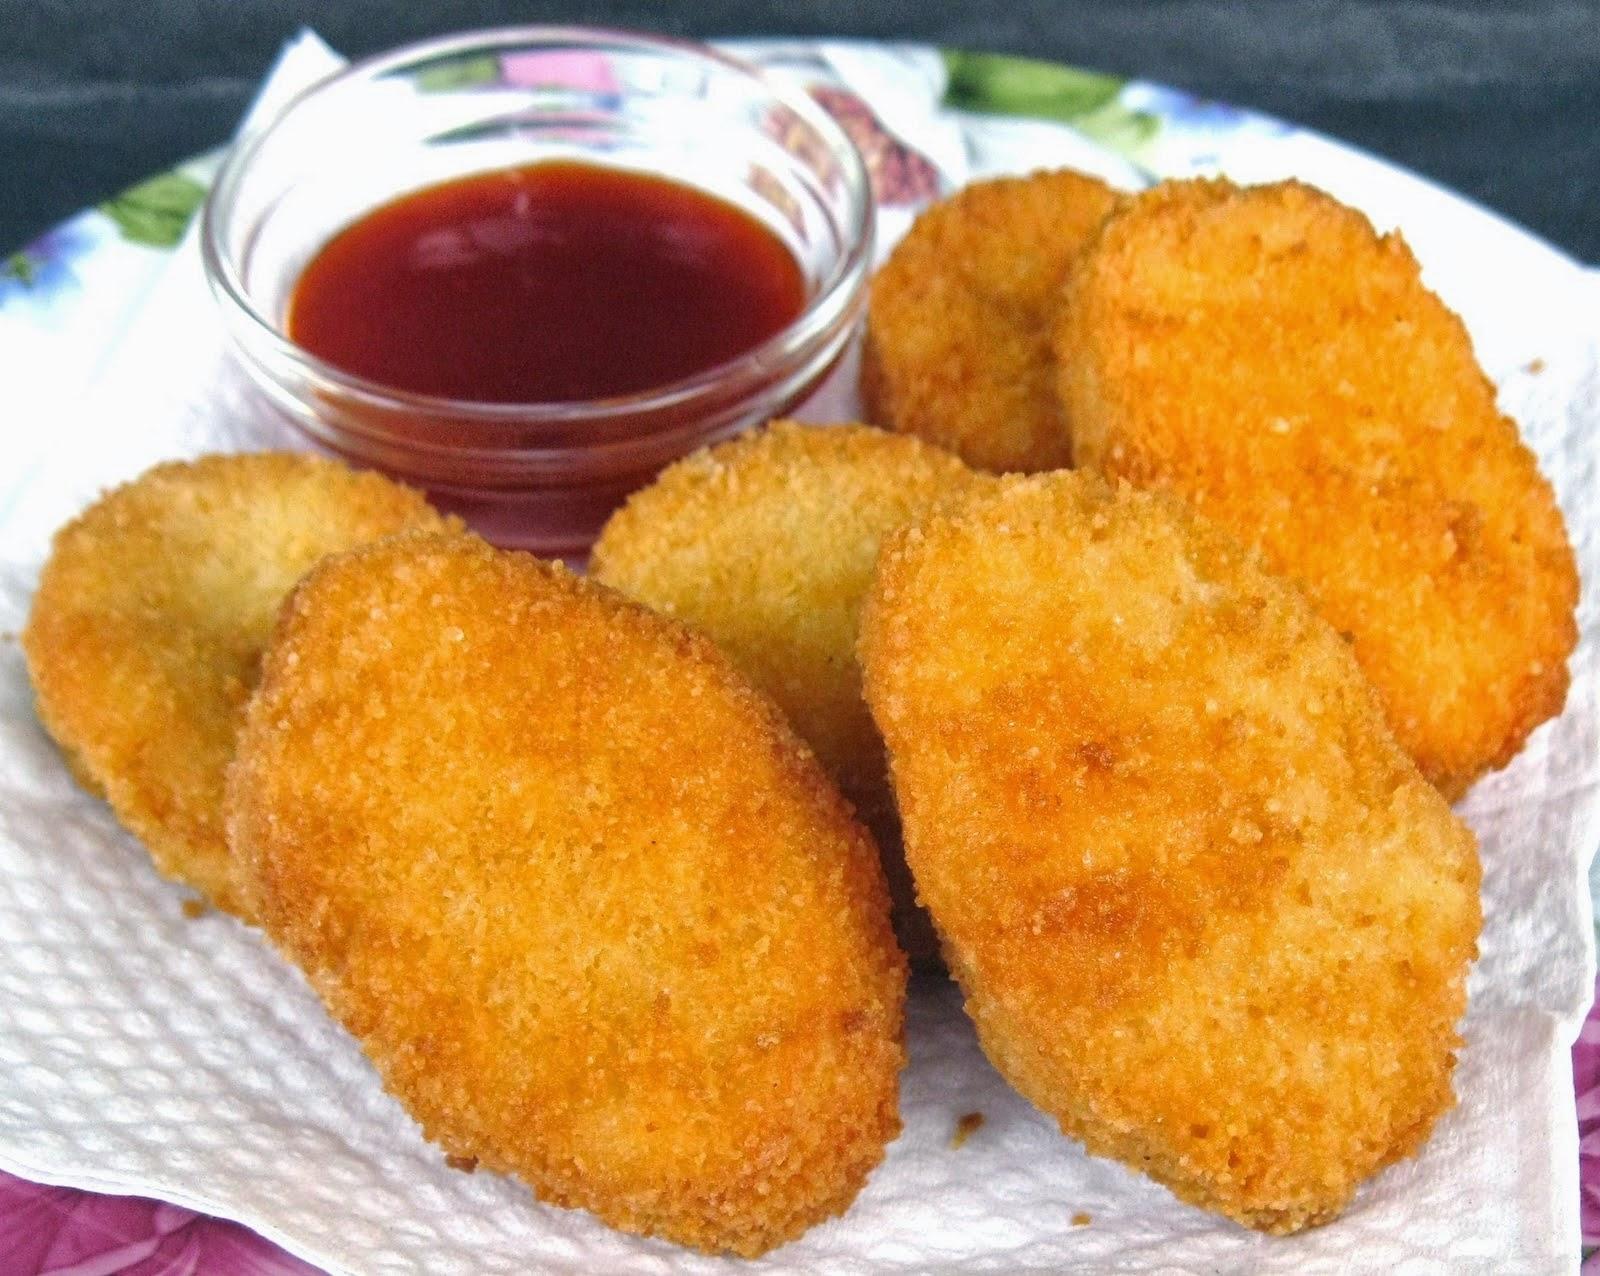 Resep Membuat Nugget Ayam/Chicken Nuggets Lezat Dan Spesial